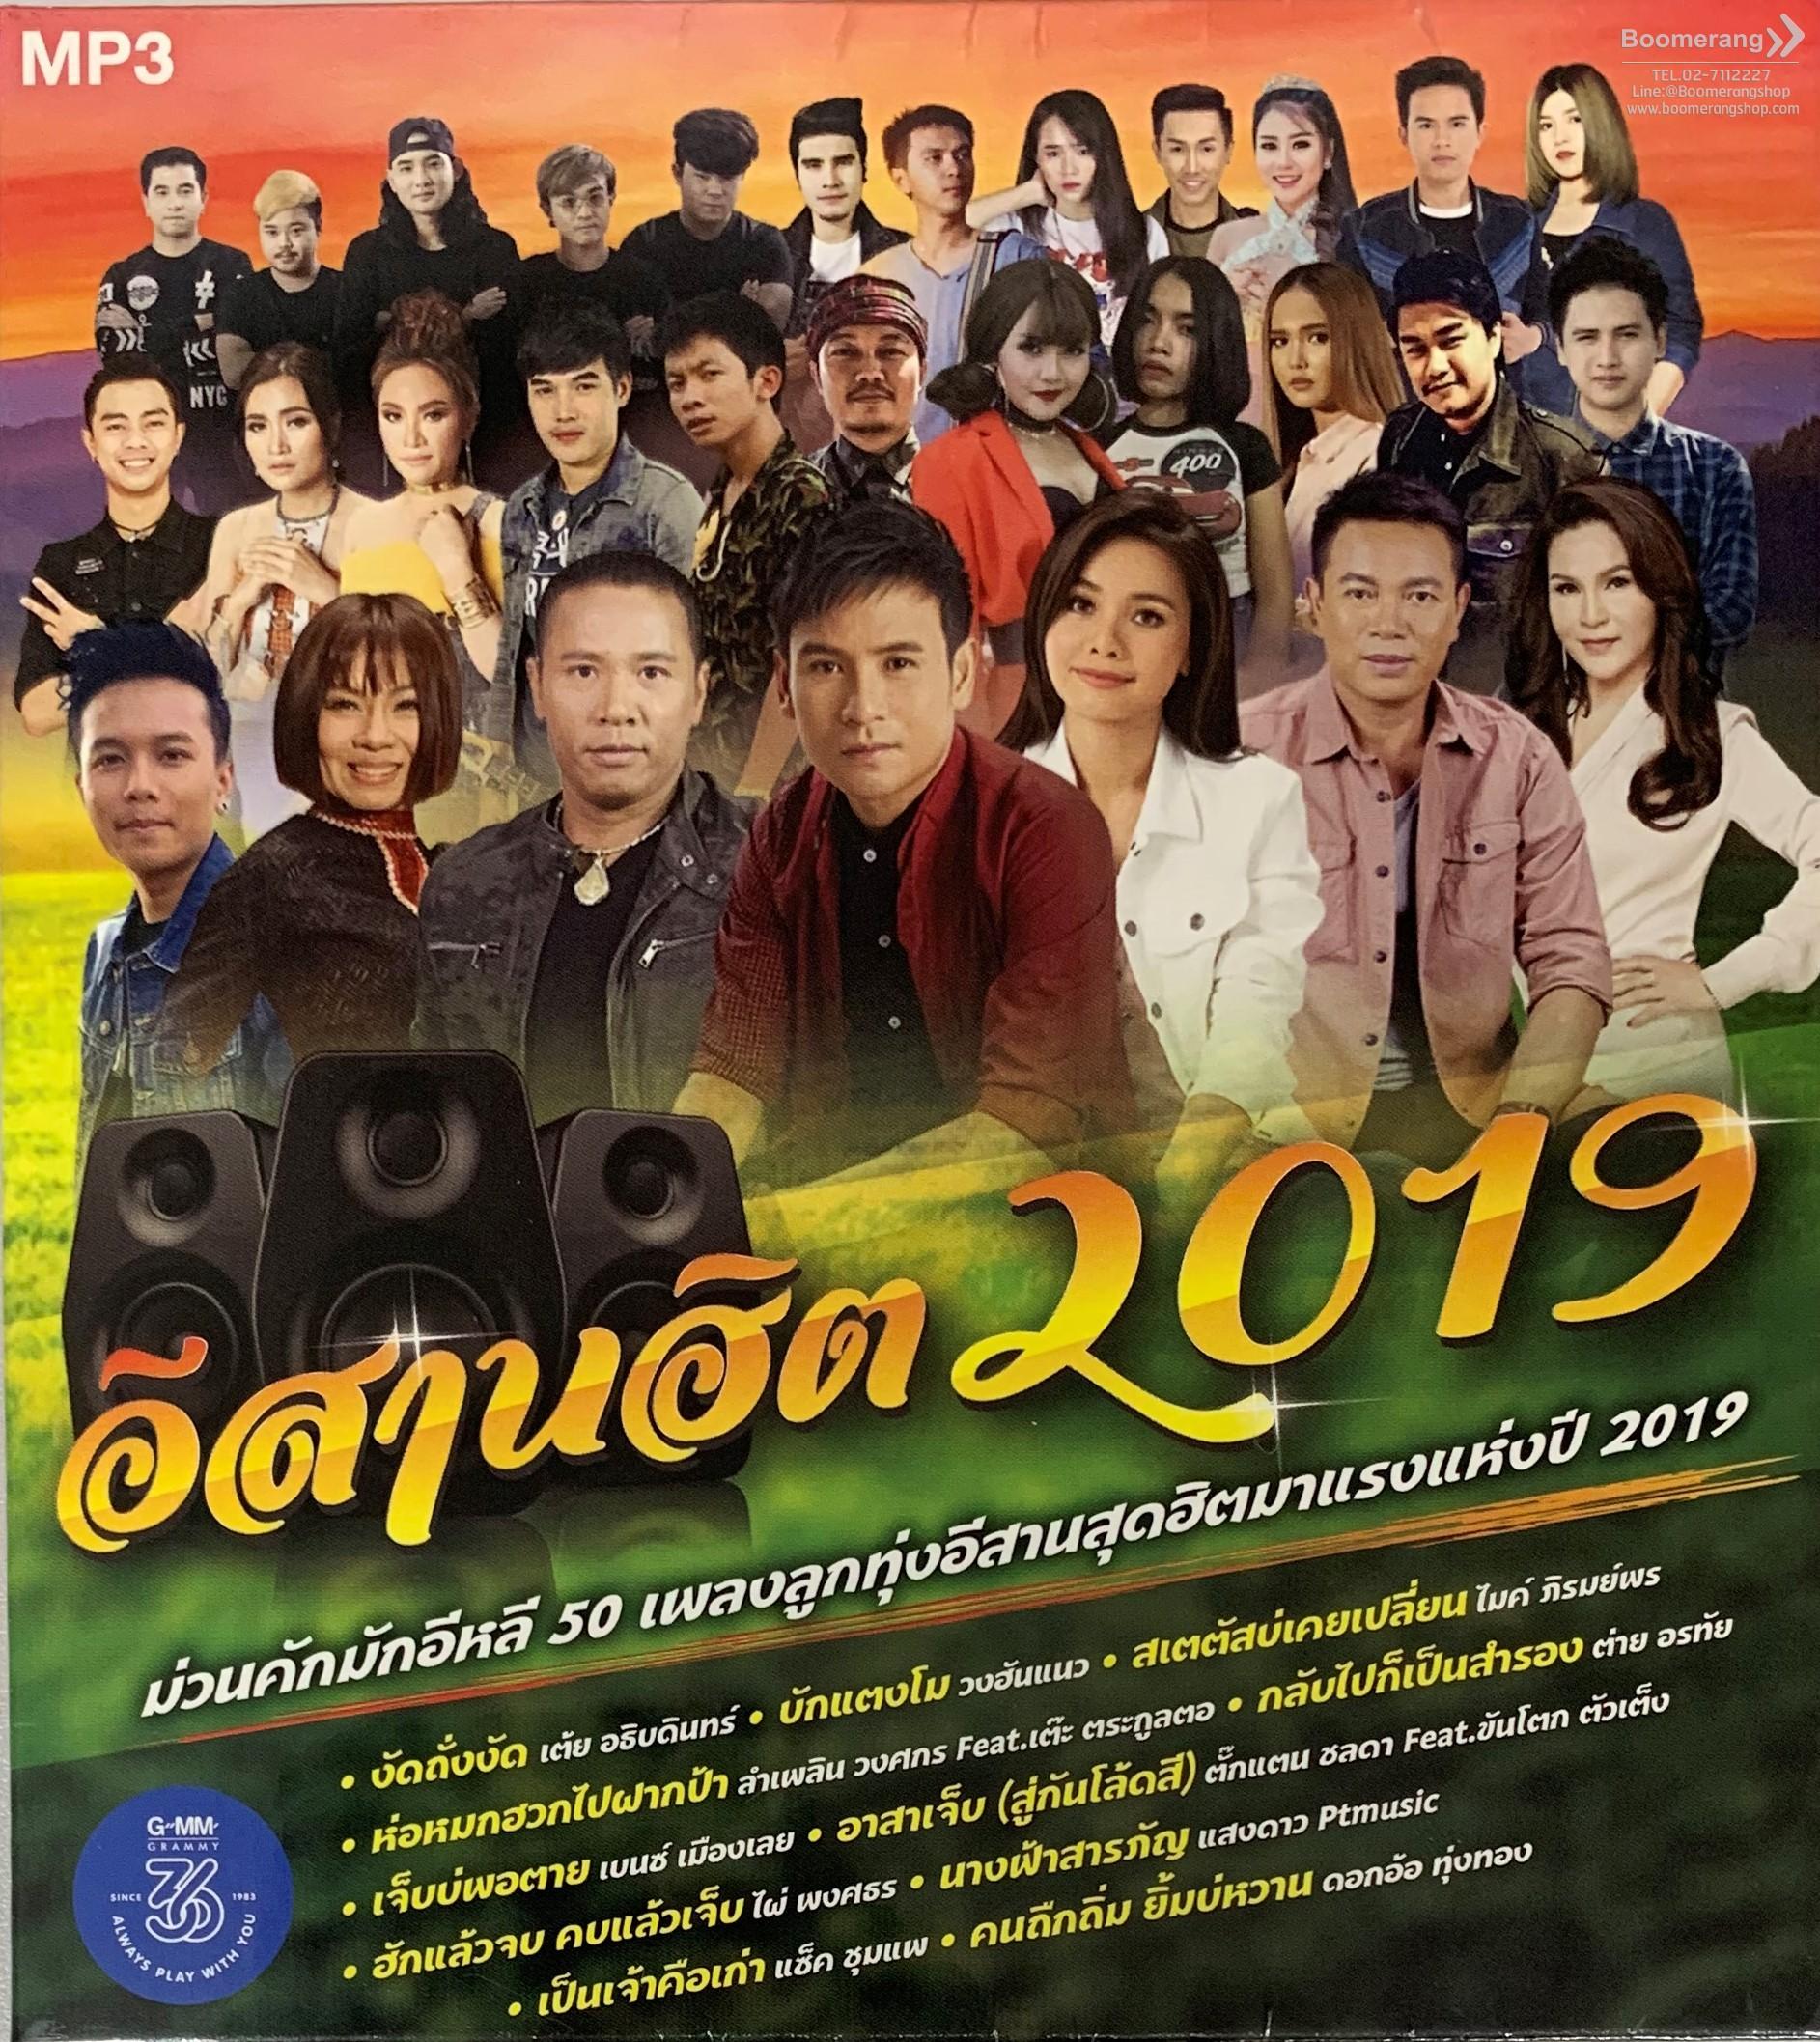 อีสานฮิต 2019 (MP3) | BoomerangShop com - Thailand Online